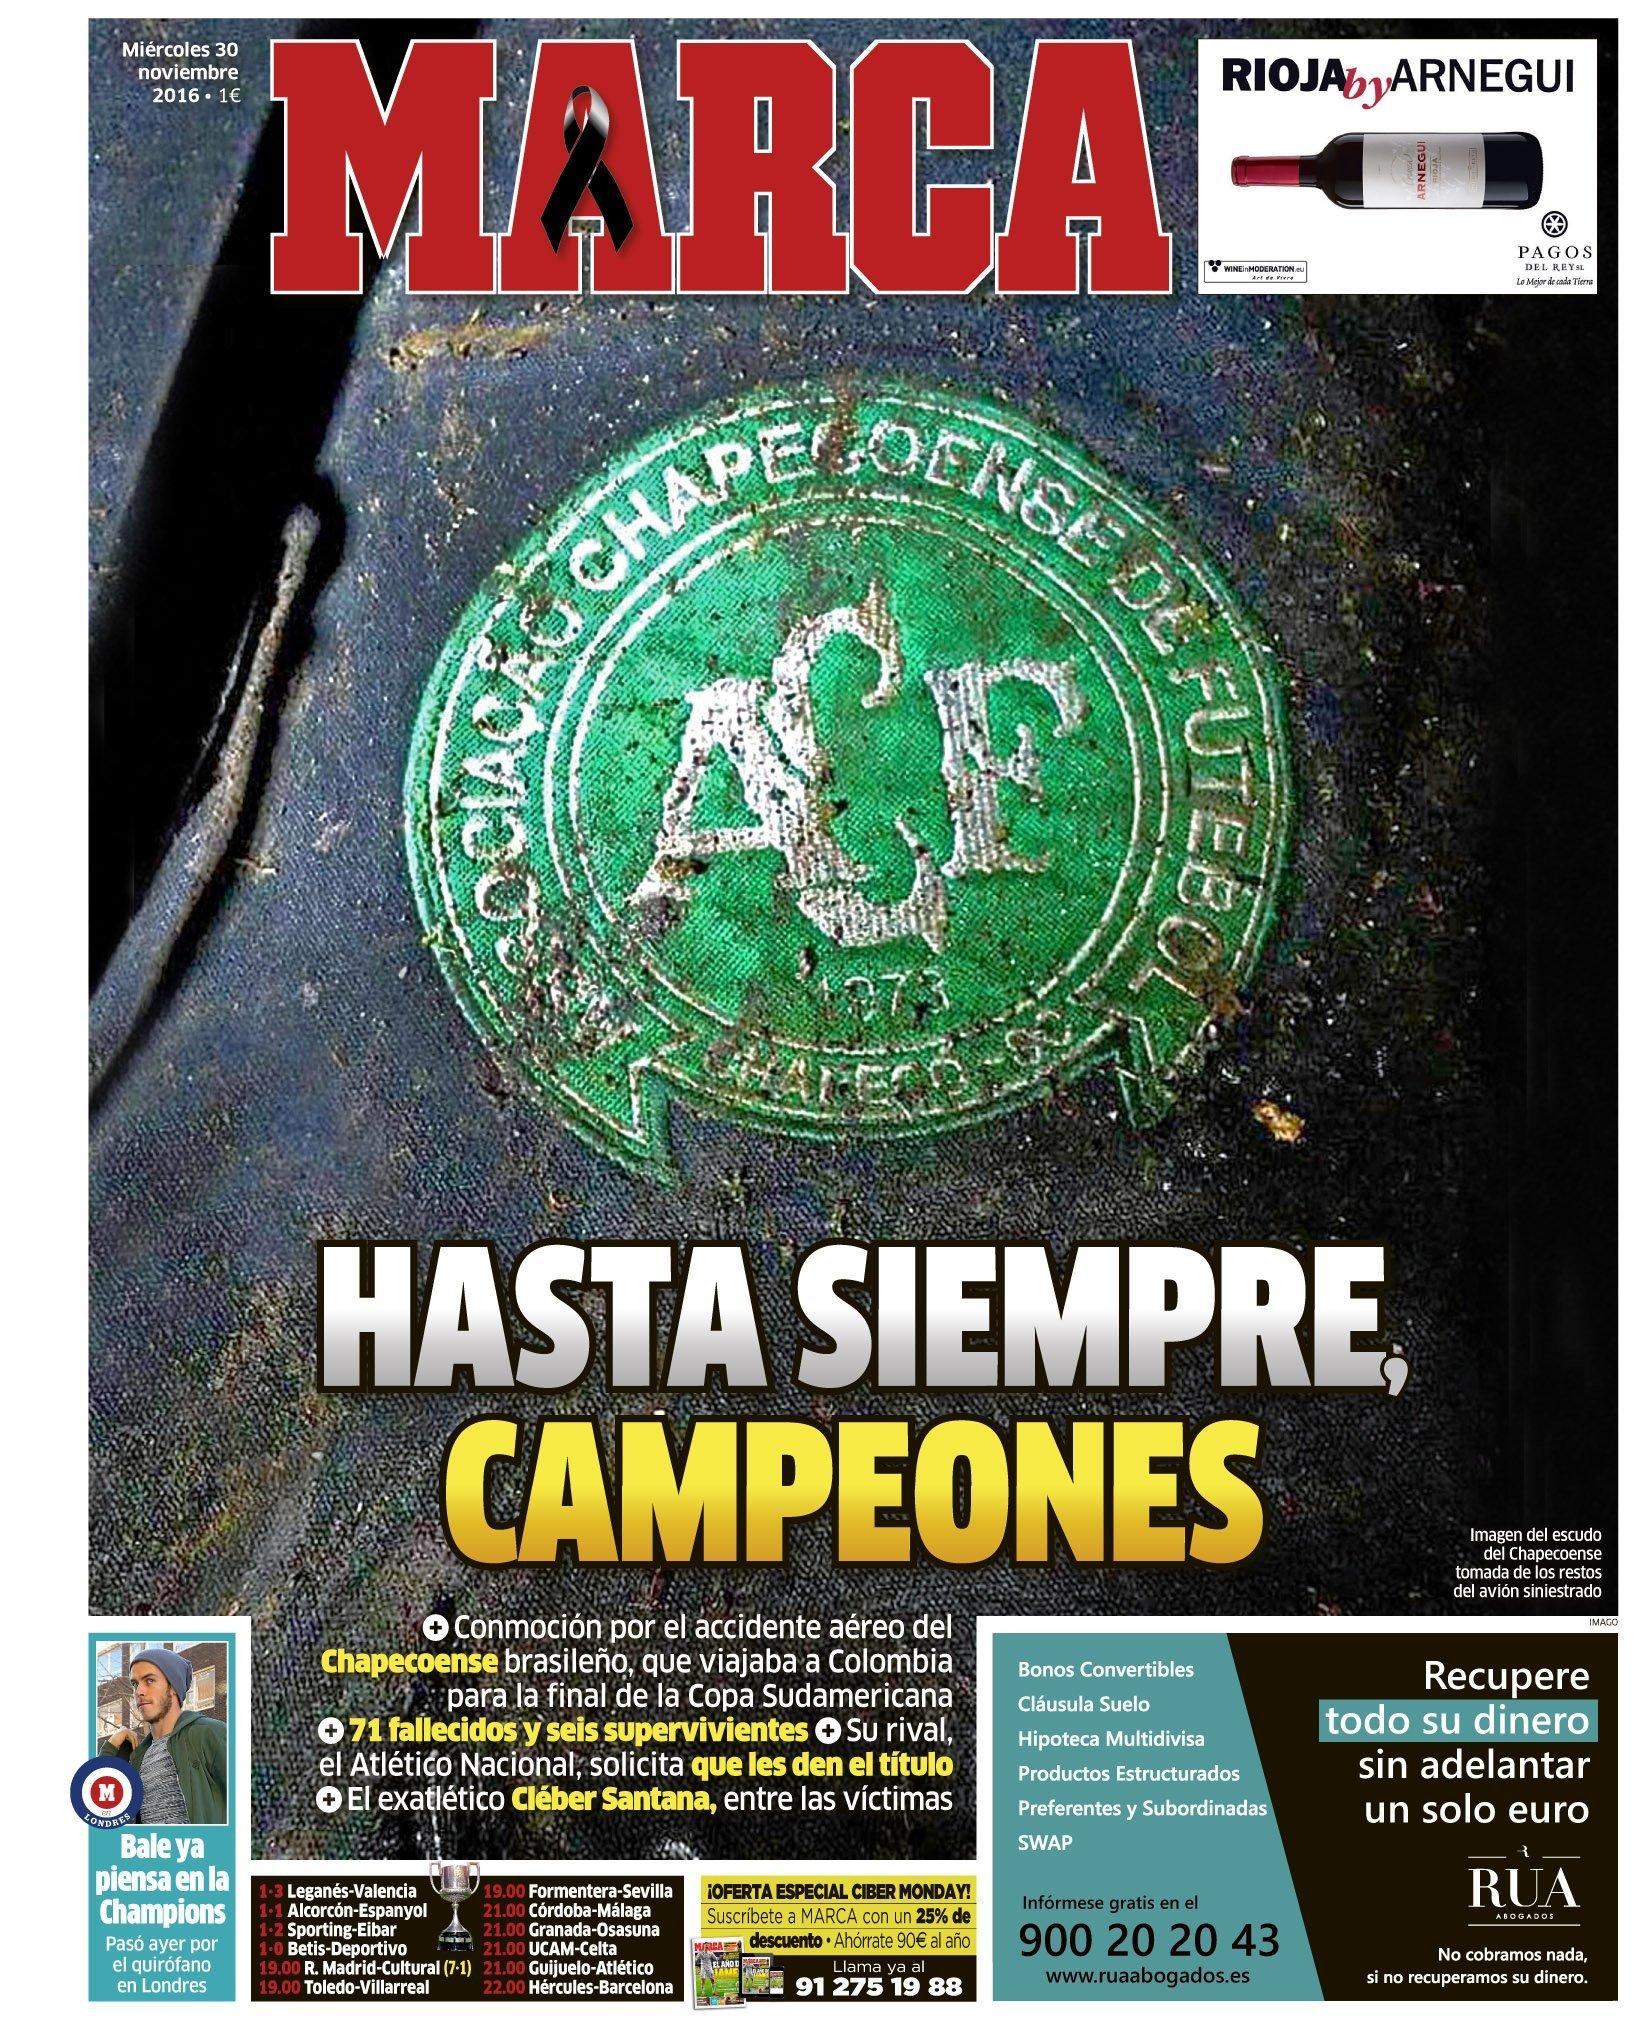 La Une du journal espagnol Marca du 30 novembre 2016.